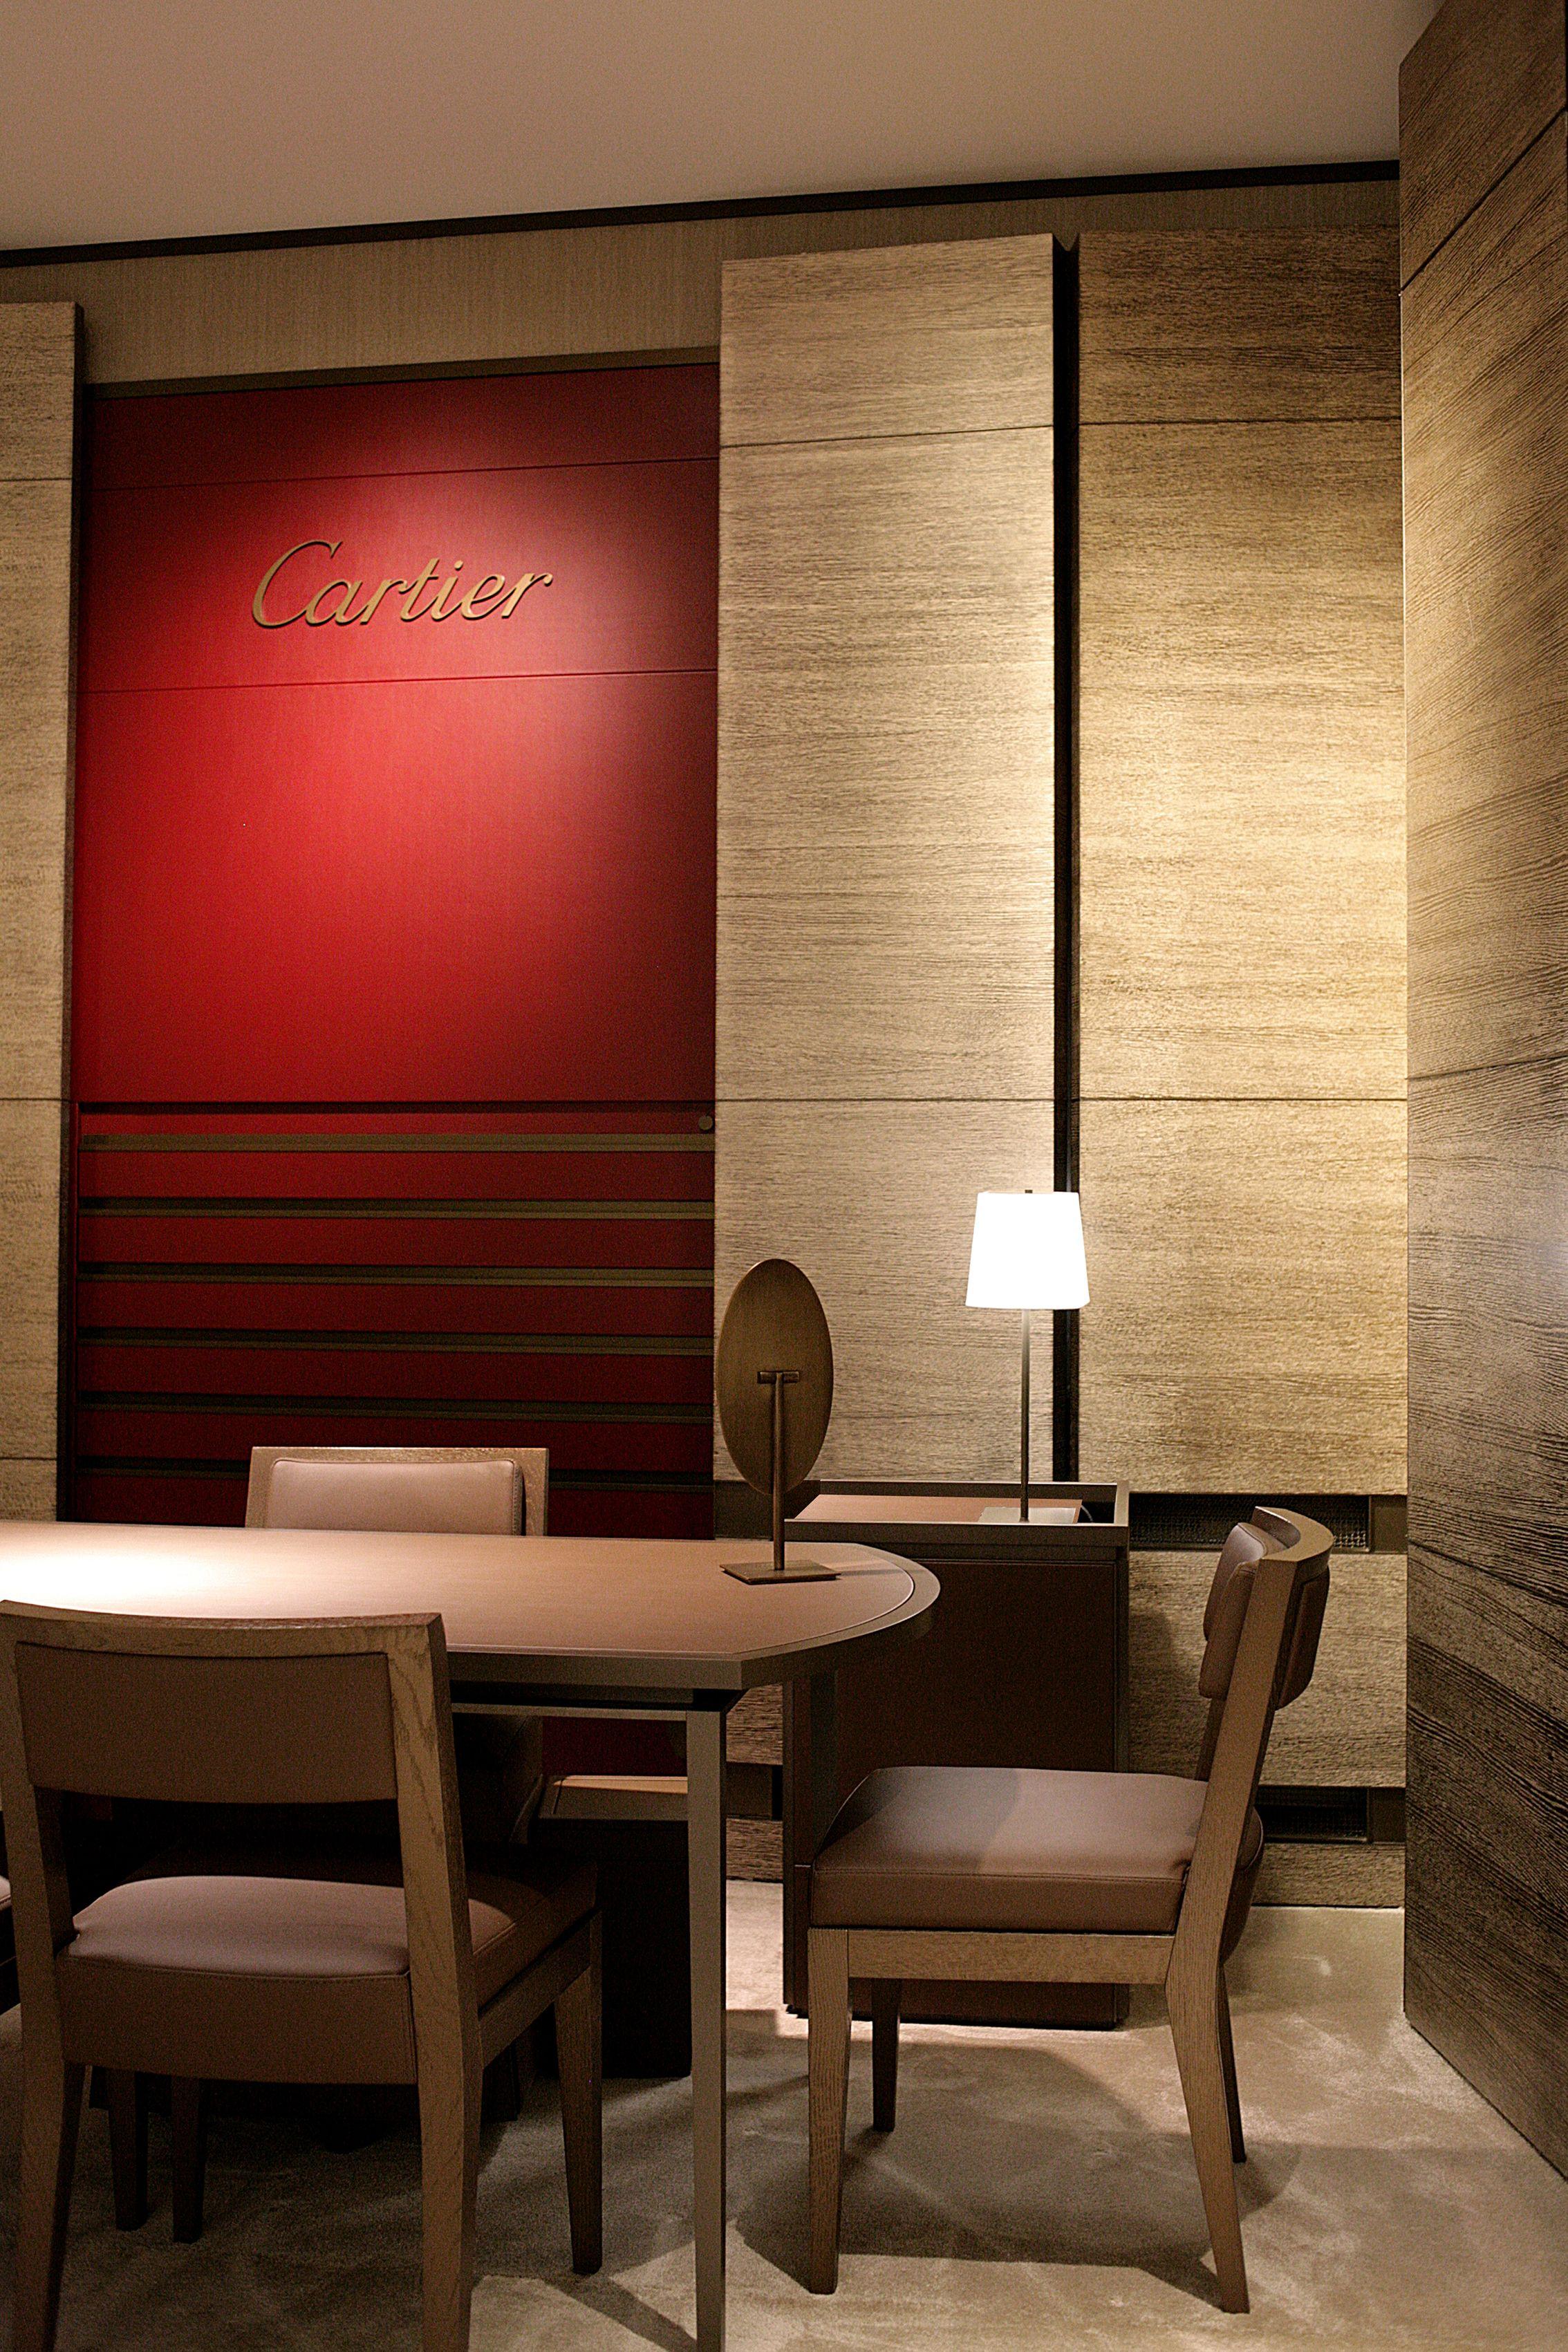 Tristan Auer Stand Cartier Sihh 2015 Geneve Interieur De Luxe Architecte Interieur Motif Art Deco